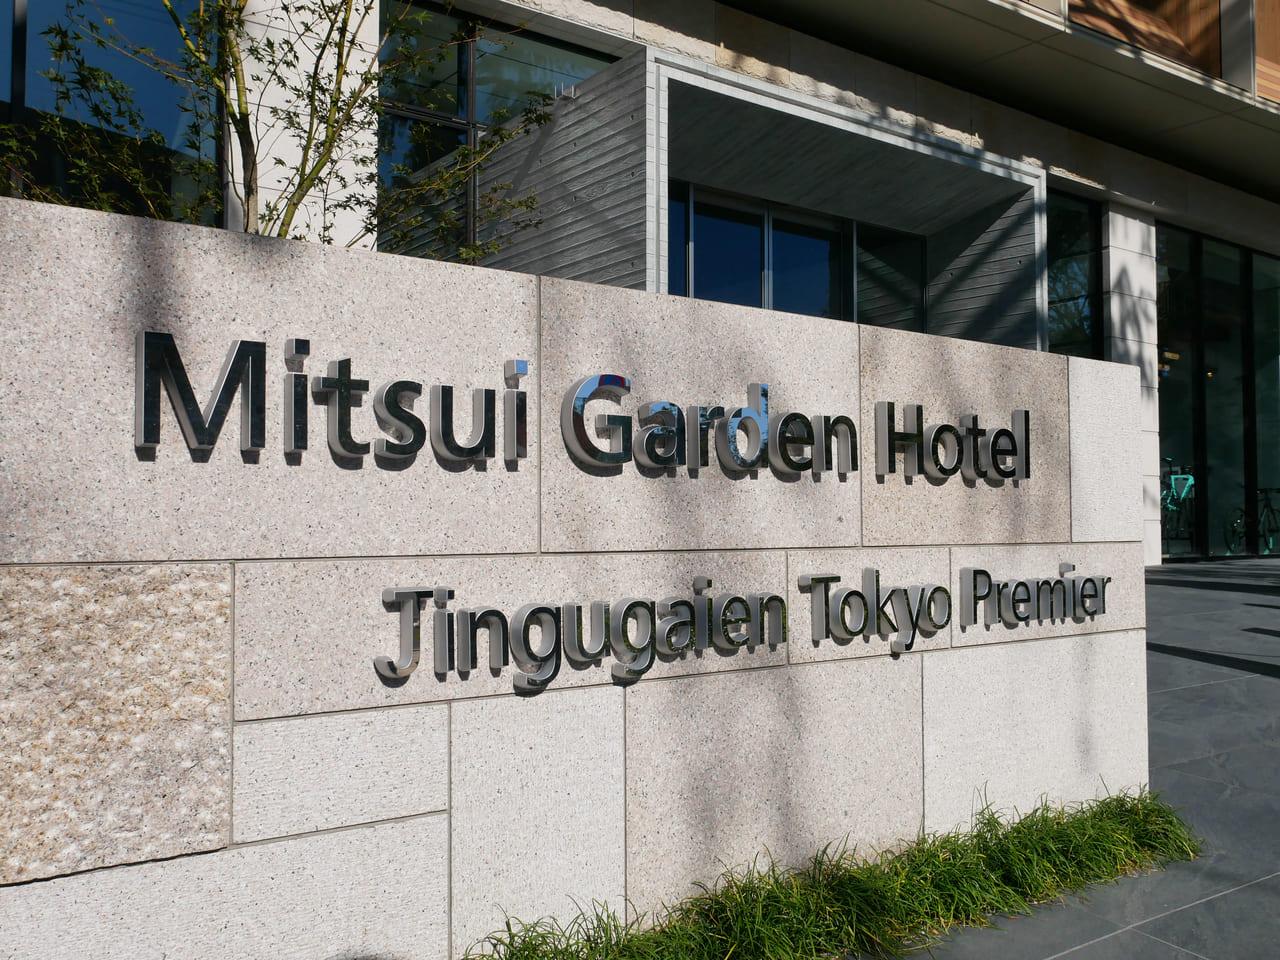 三井ガーデンホテル神宮外苑の杜プレミア 口コミ